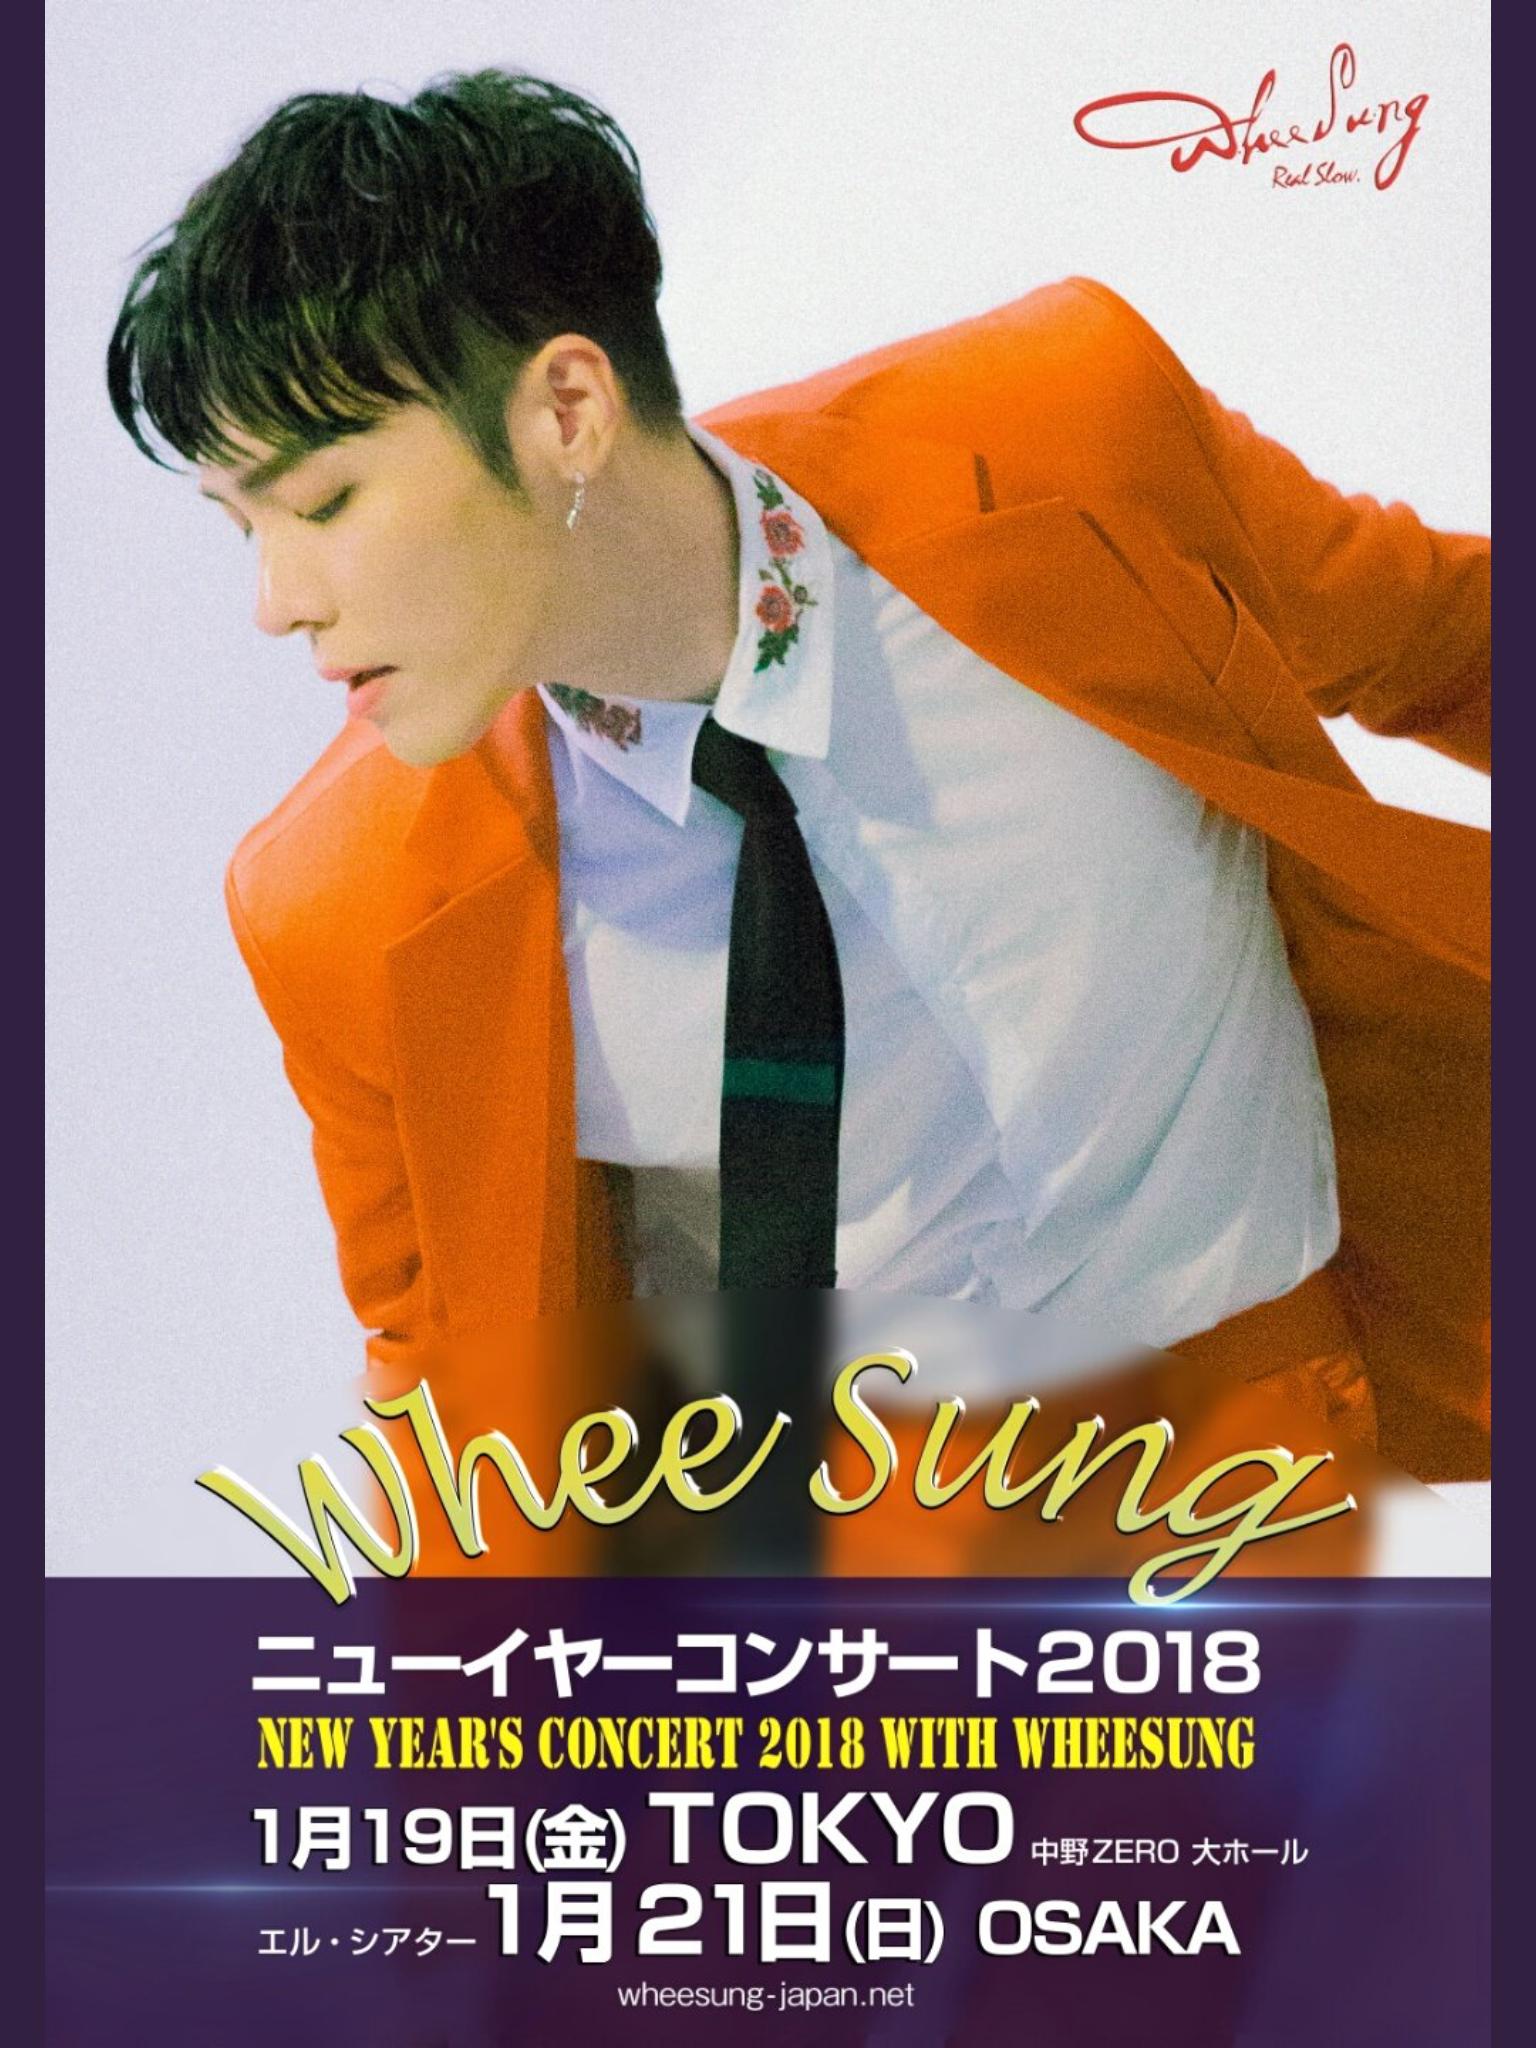 【注意喚起】2018 フィソン (Wheesung) 日本コンサートチケット詐欺業者の画面